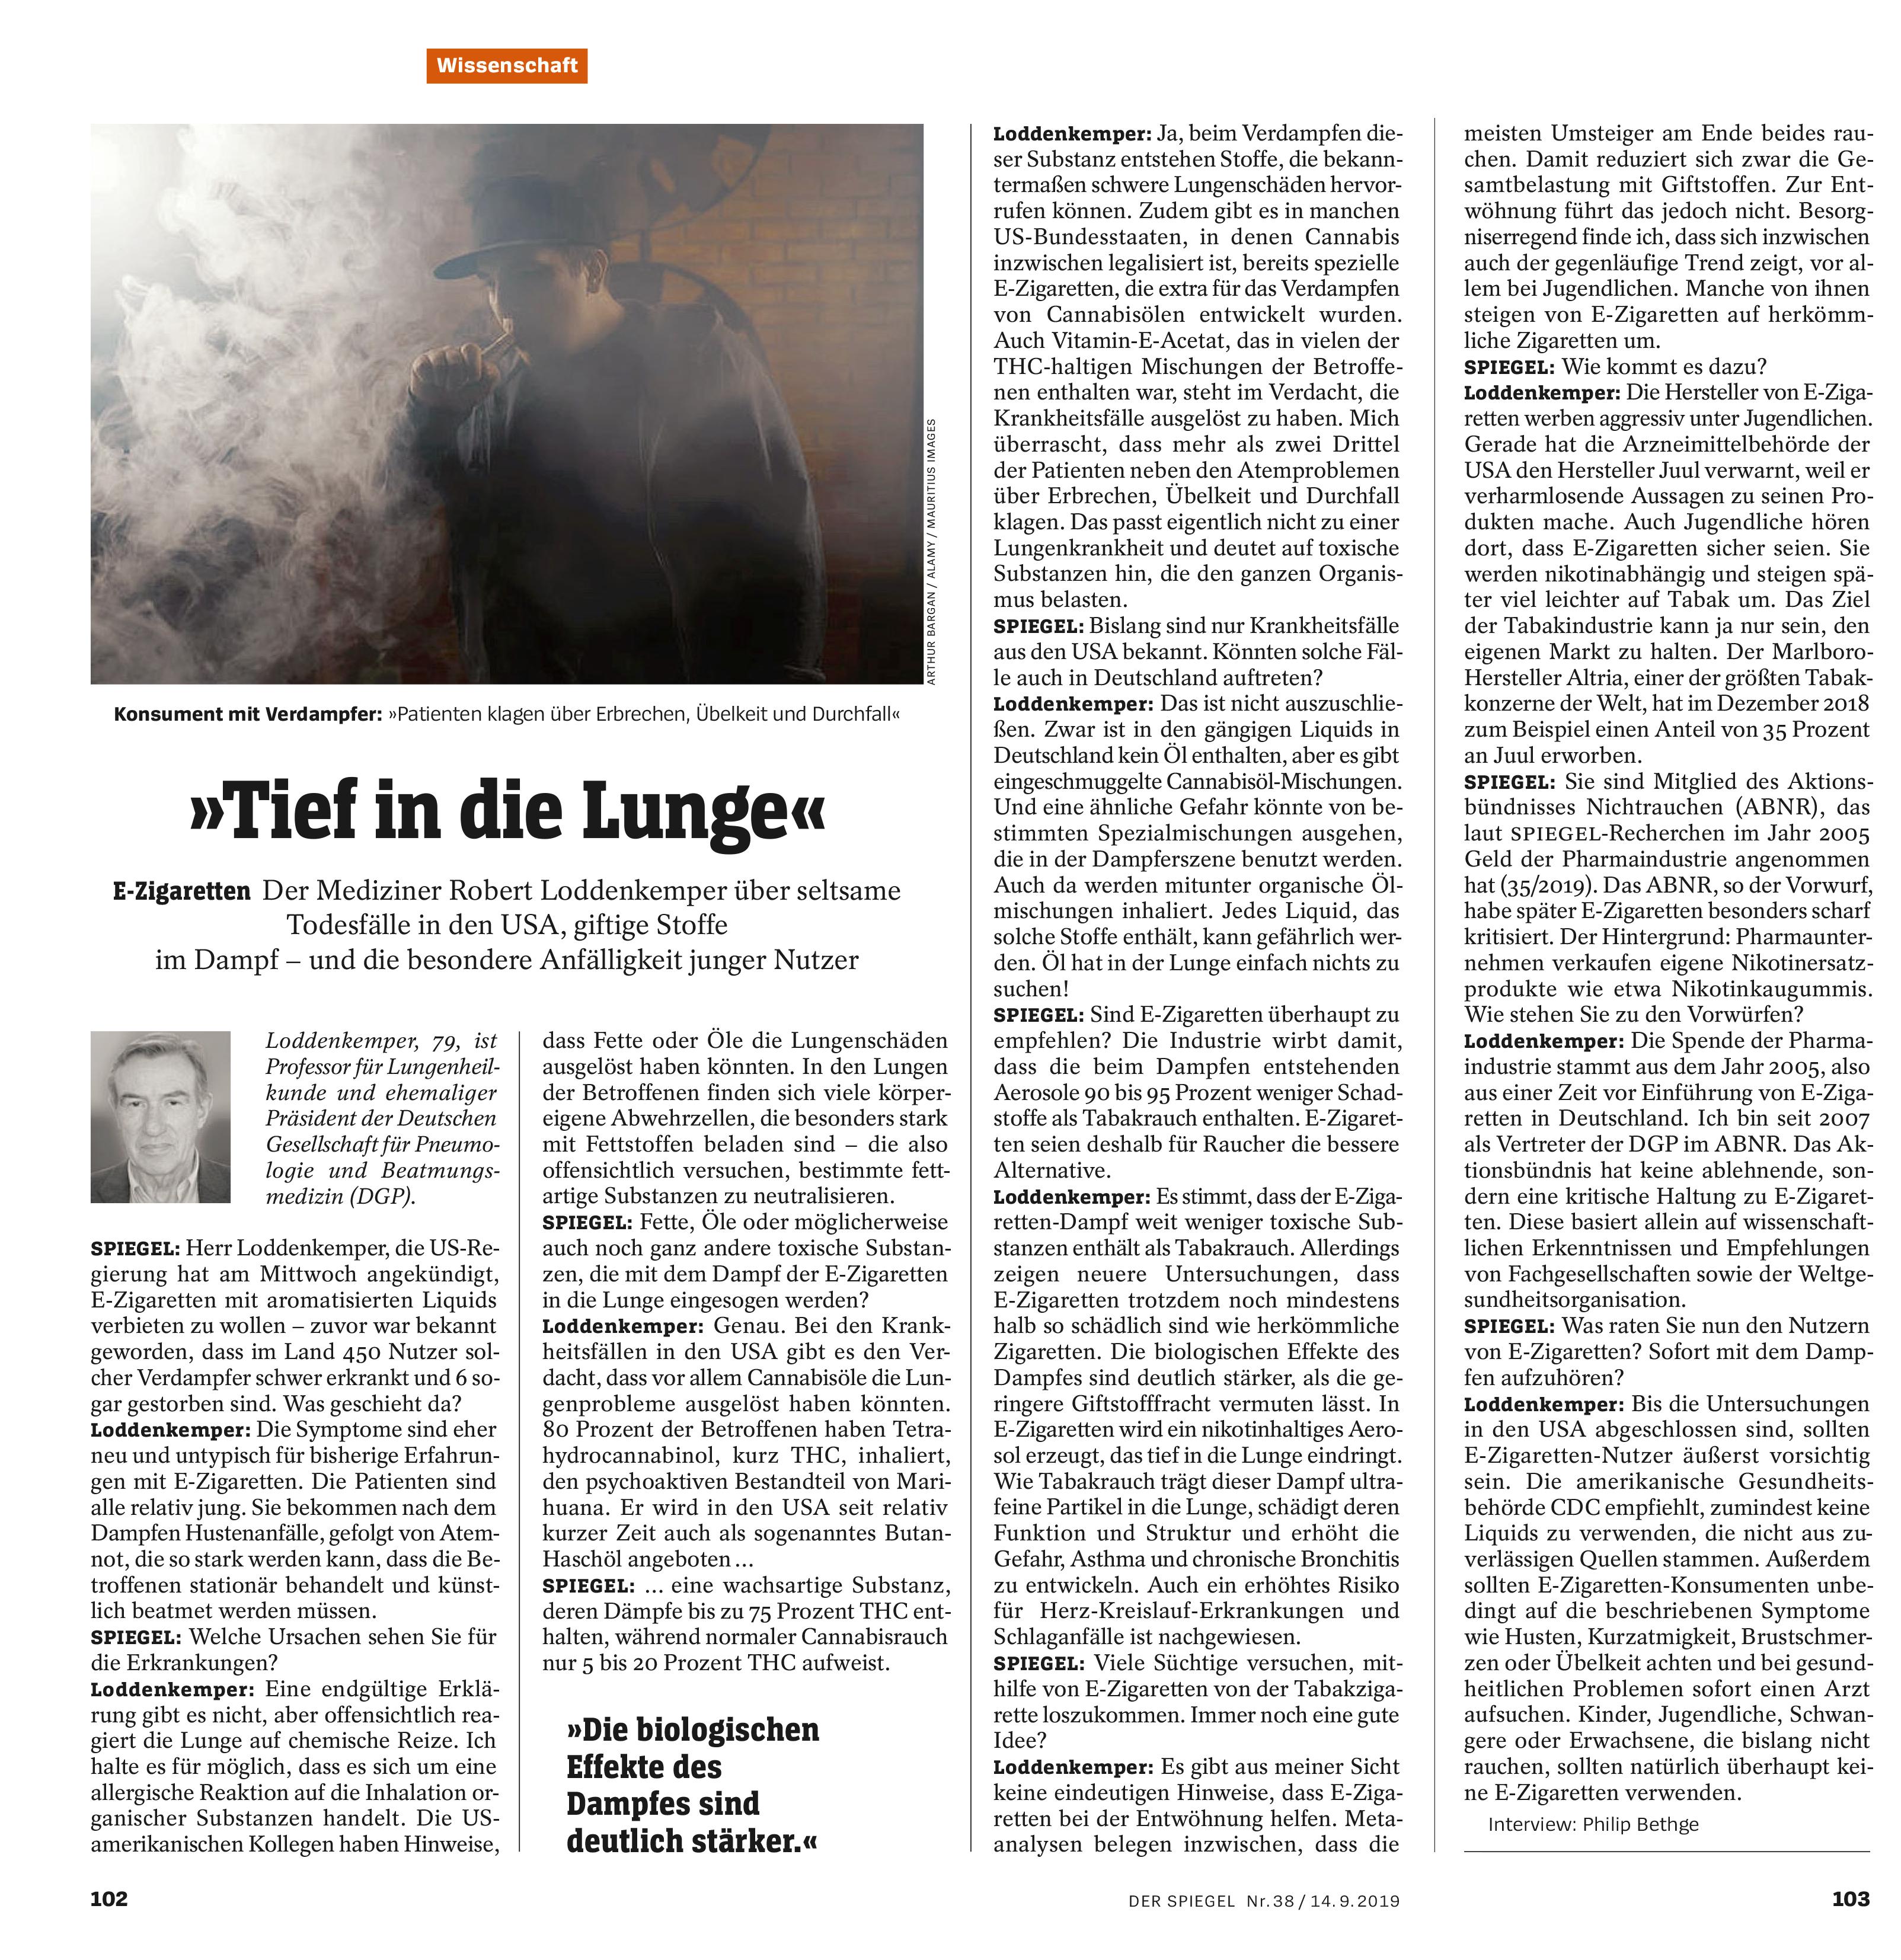 Der_Spiegel_-_14_09_2019